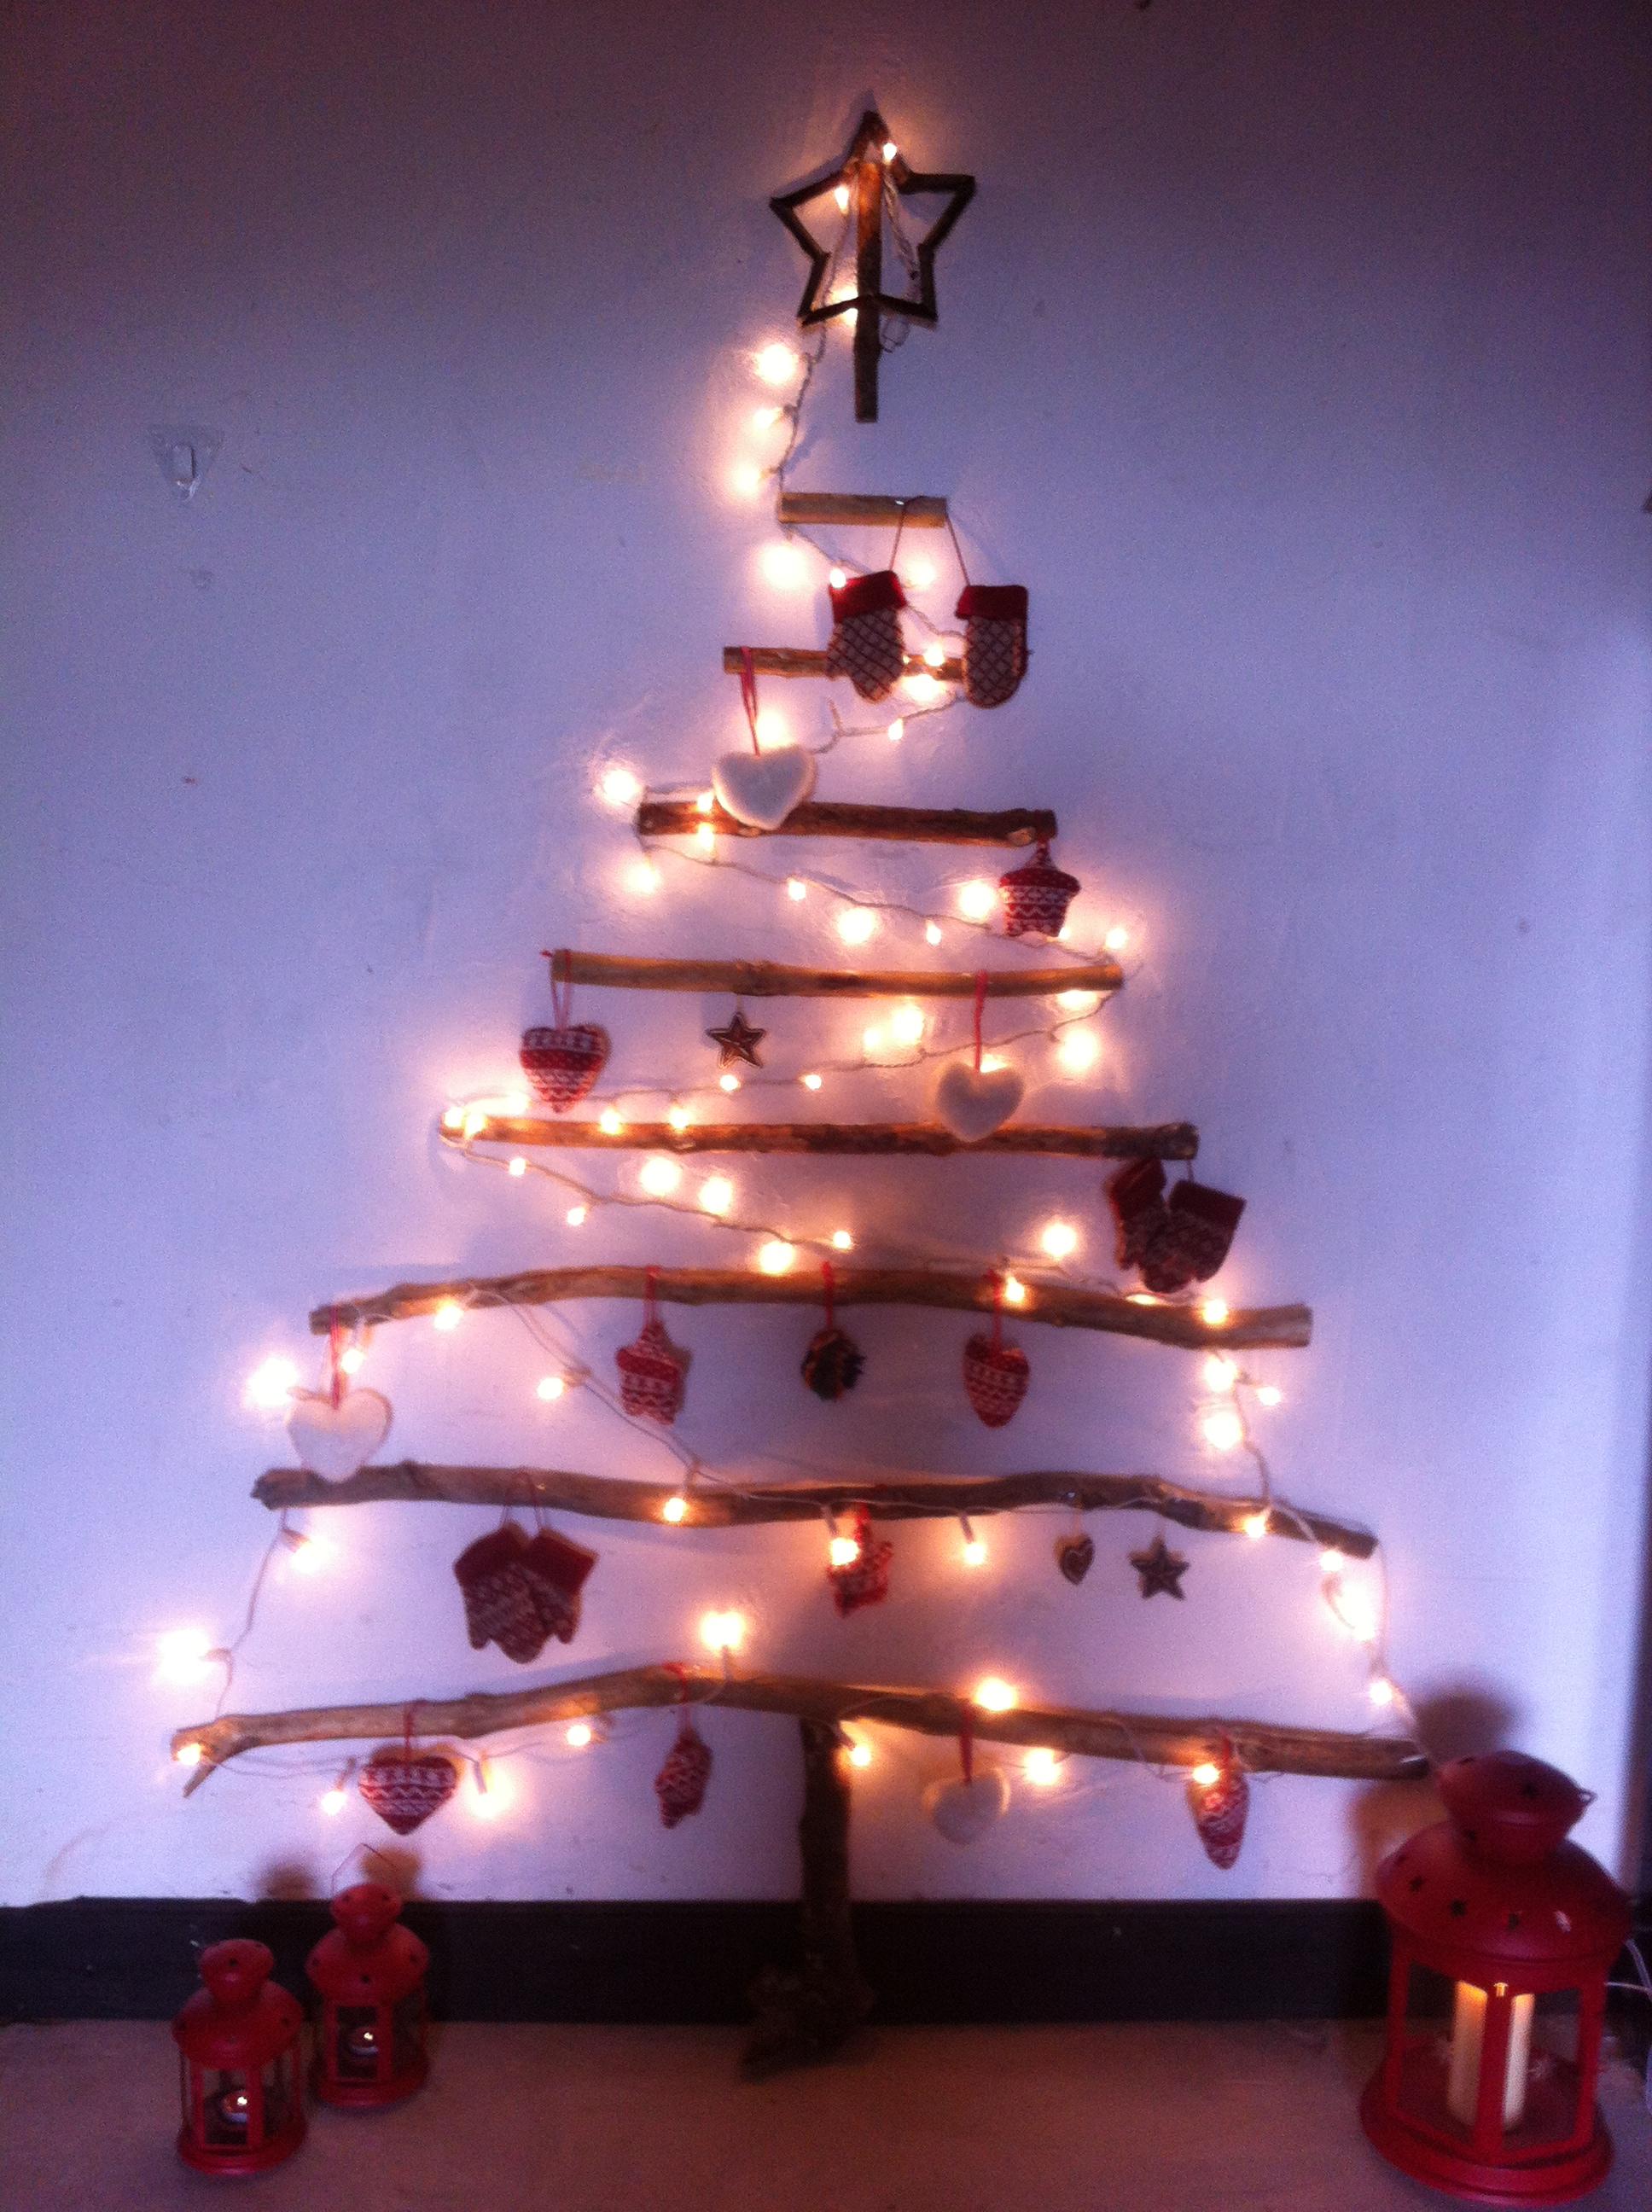 Oui Oui-arbol navidad ramas-troncos-DIY-arbol navidad diferente (4)